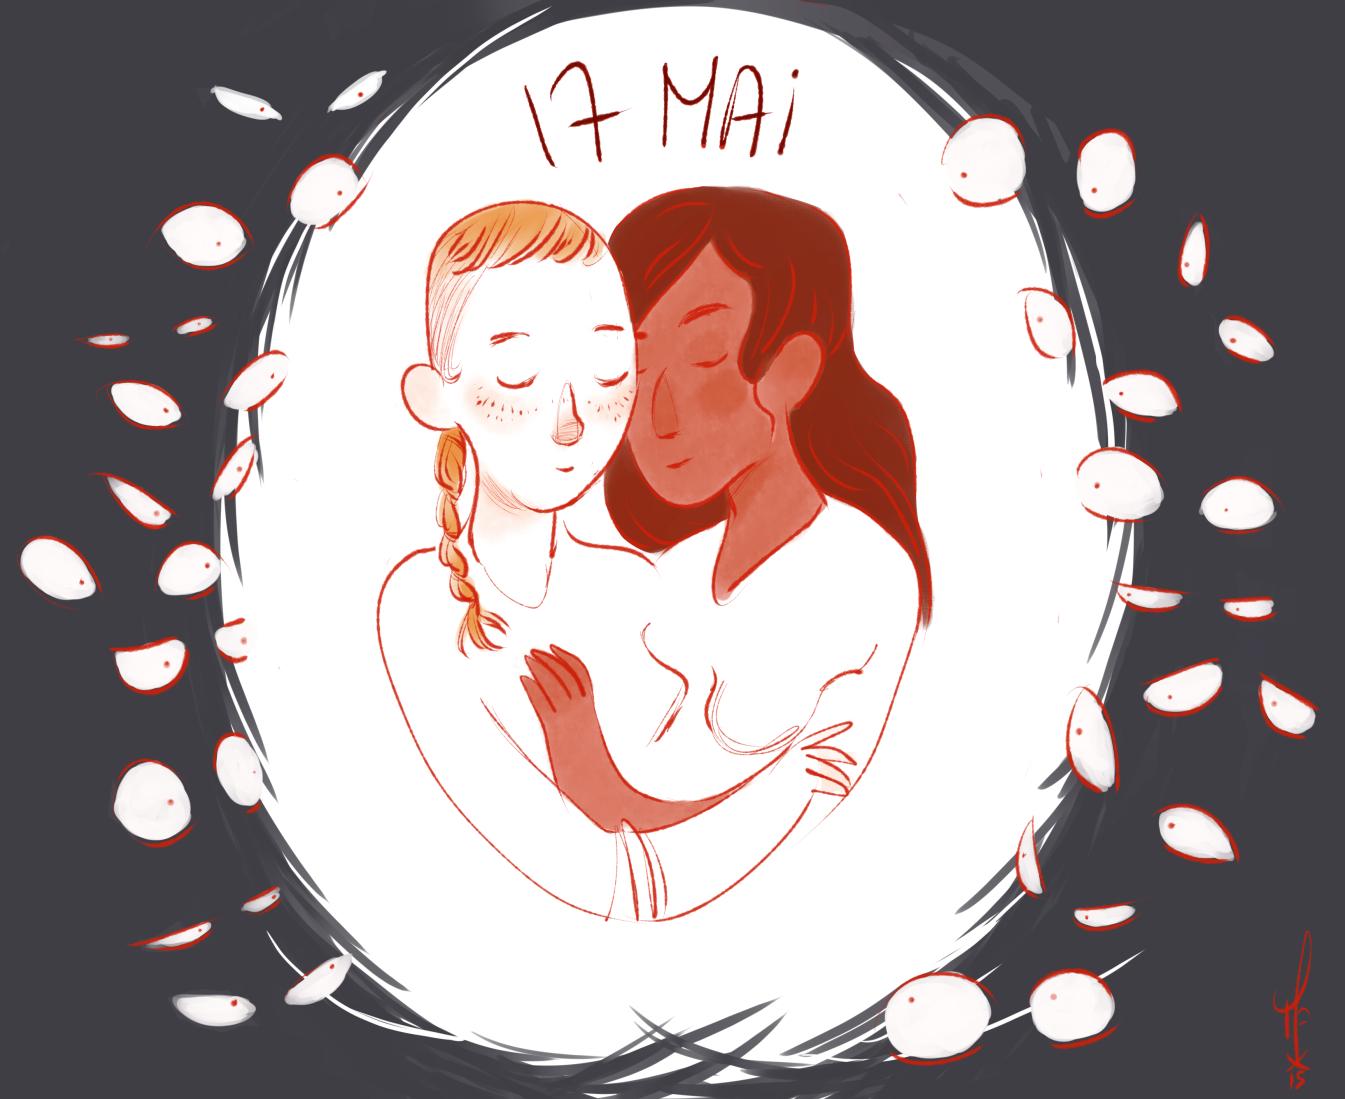 les fibres noires 17 mai 2015 journ e contre l 39 homophobie. Black Bedroom Furniture Sets. Home Design Ideas